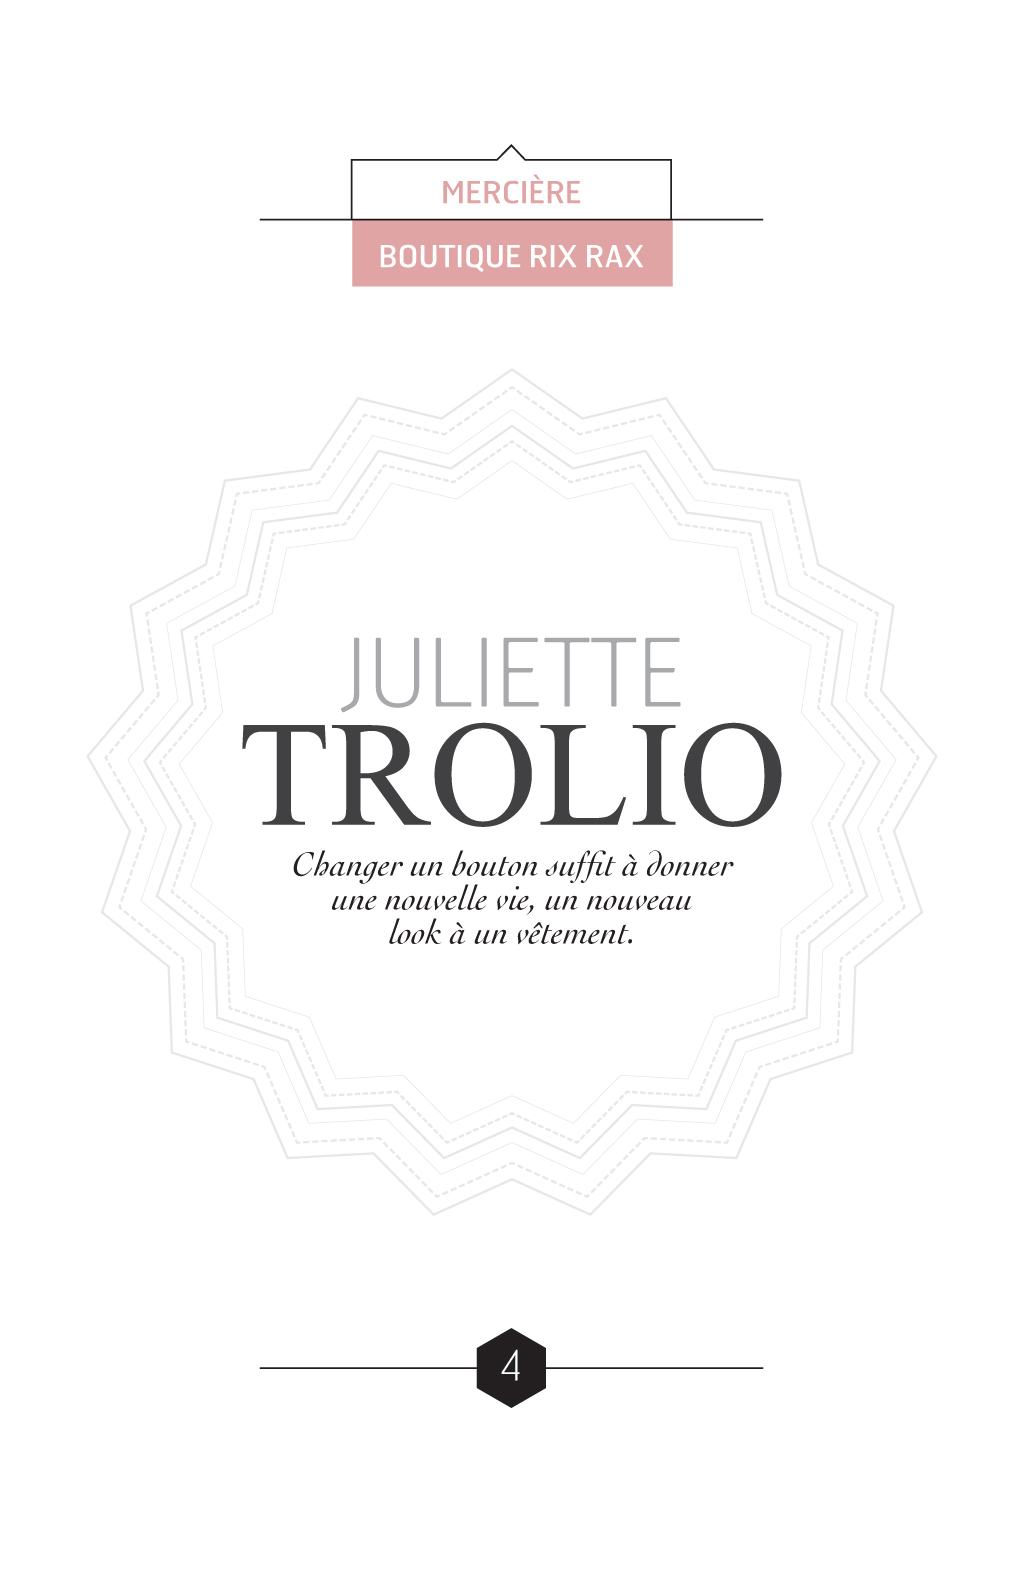 Reportage sur les métiers de la couture à Montréal :: Le fil d'Ariane # 3 :: Juliette Trolio, Boutique Rix Rax